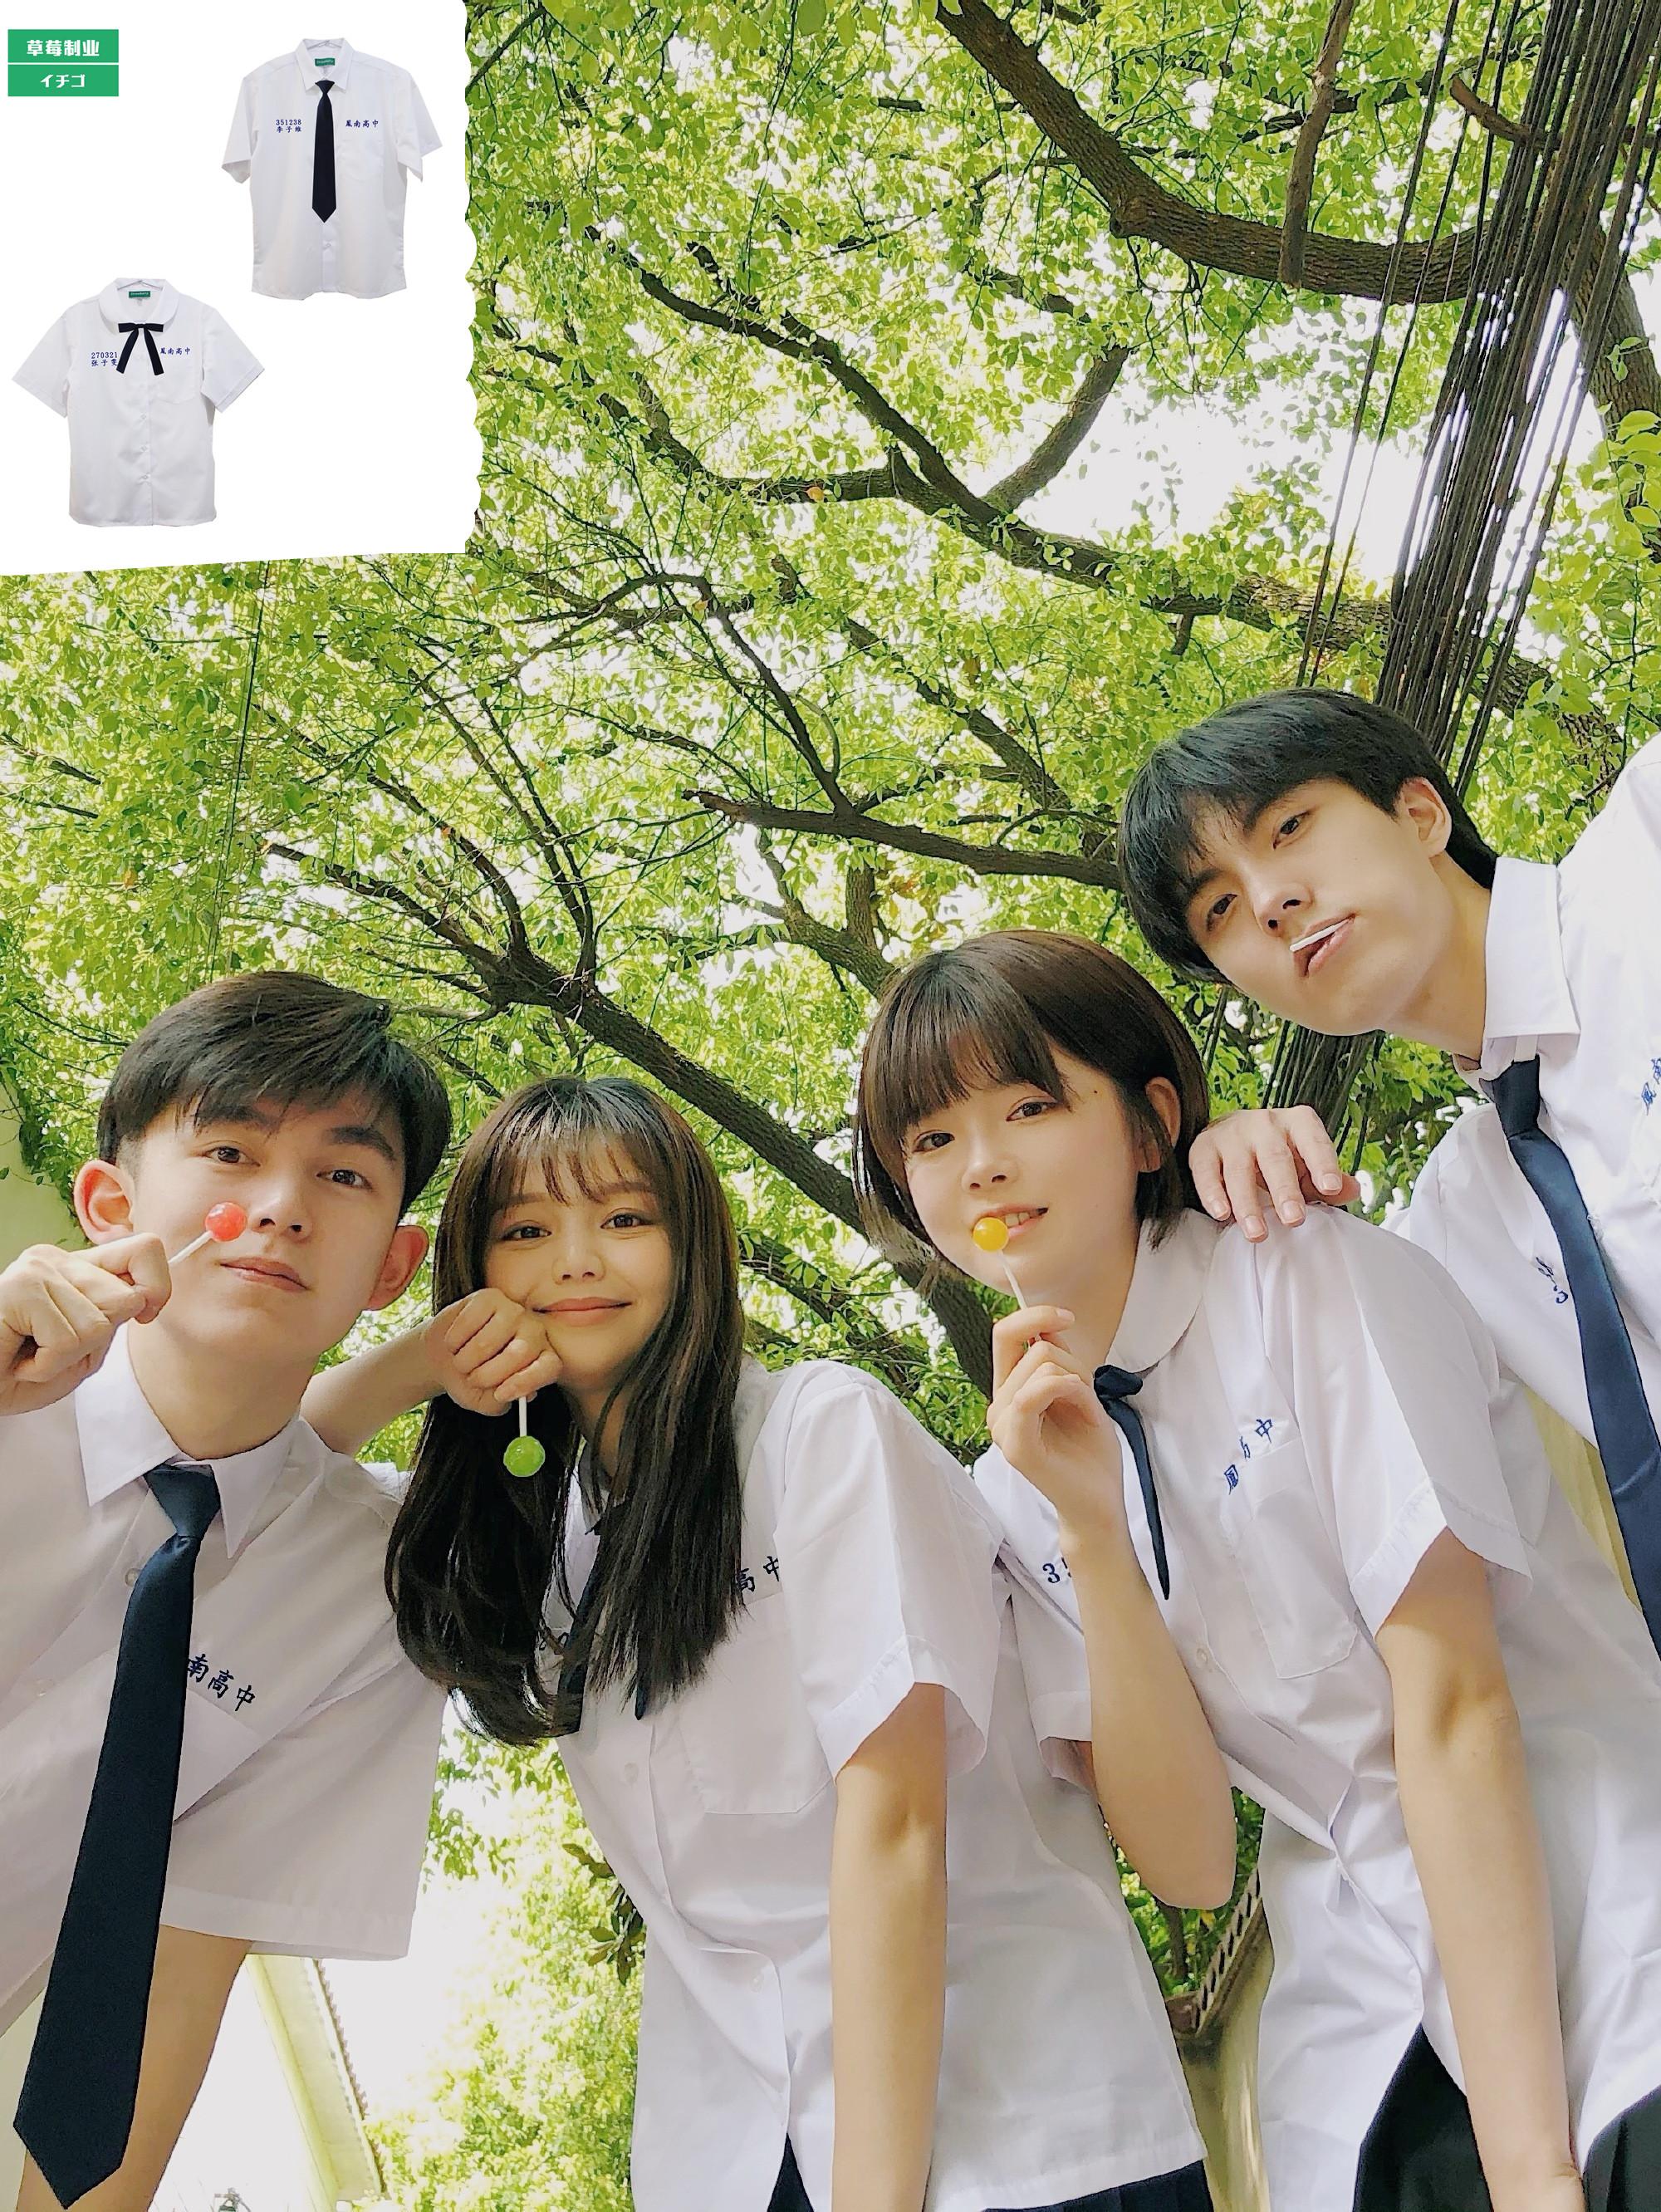 草莓制业台湾想见你凤南高中网红同款李子维校服学生毕业班服衬衫